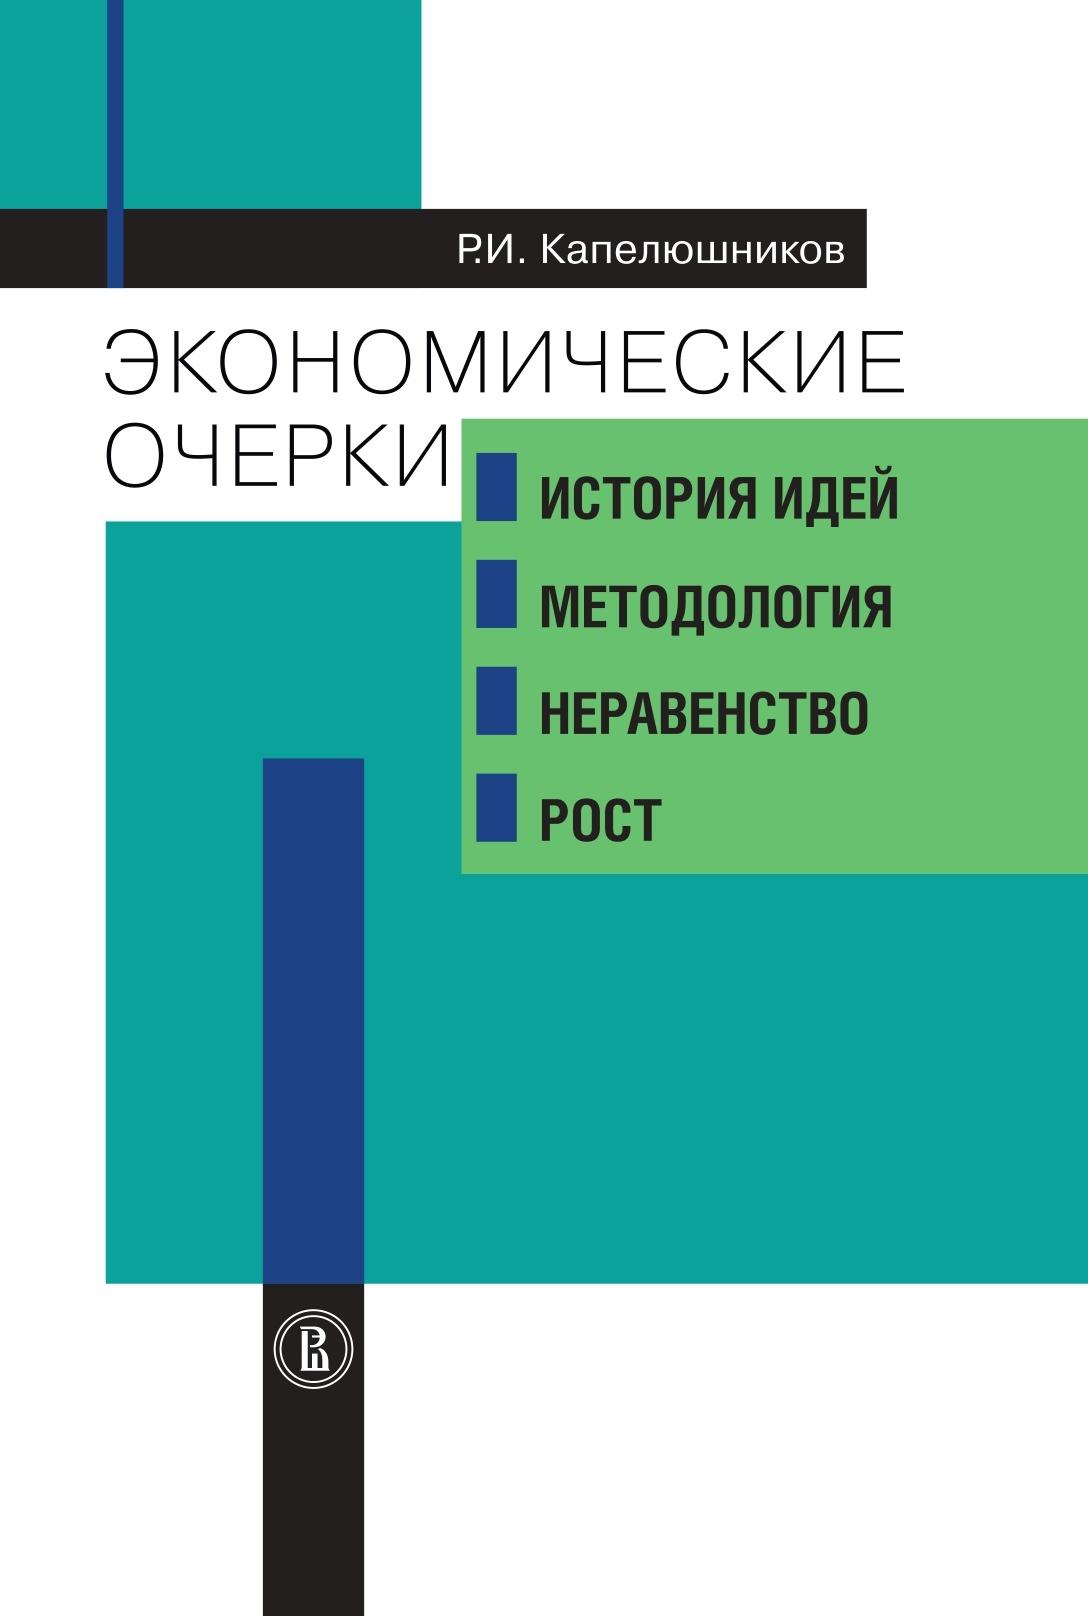 Экономические очерки. История идей, методология, неравенство и рост